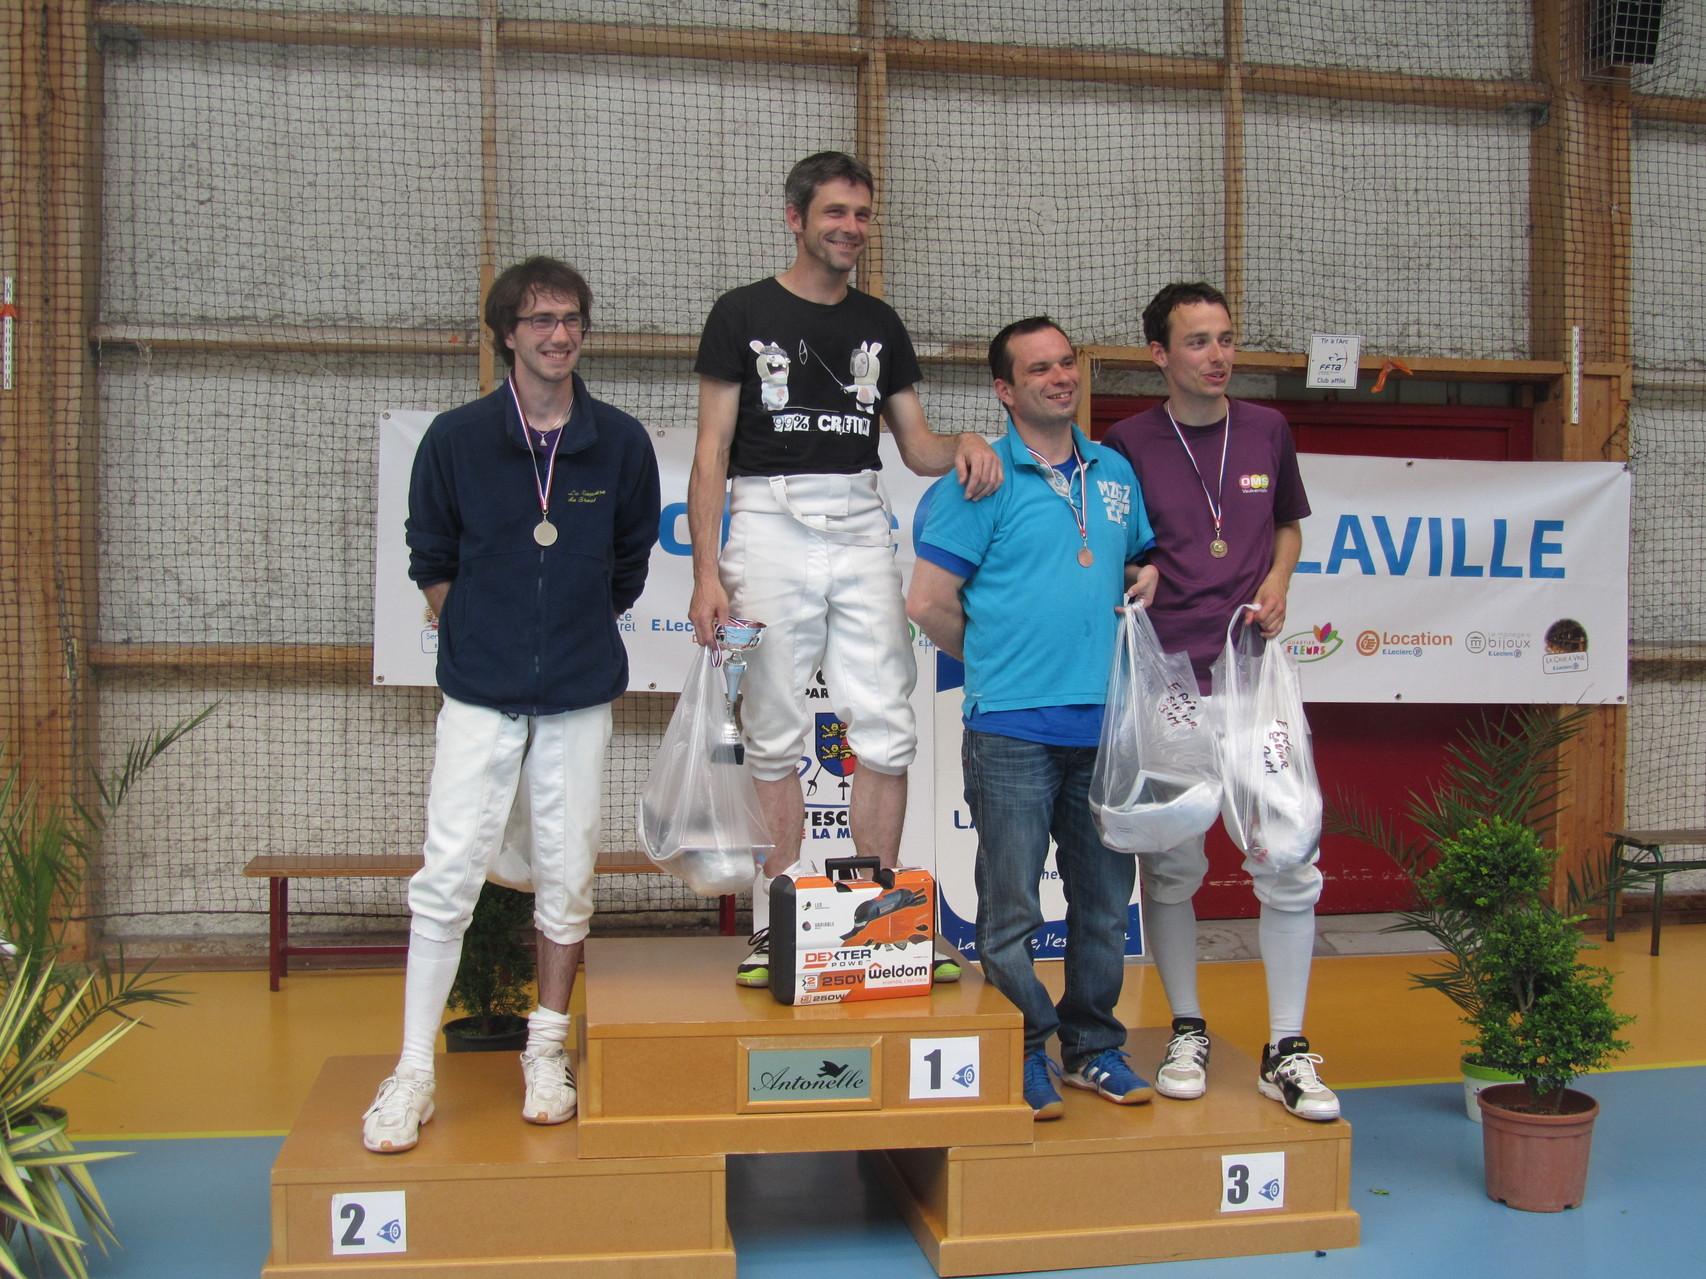 podium épée sénior avec Mickaël sur la première marche